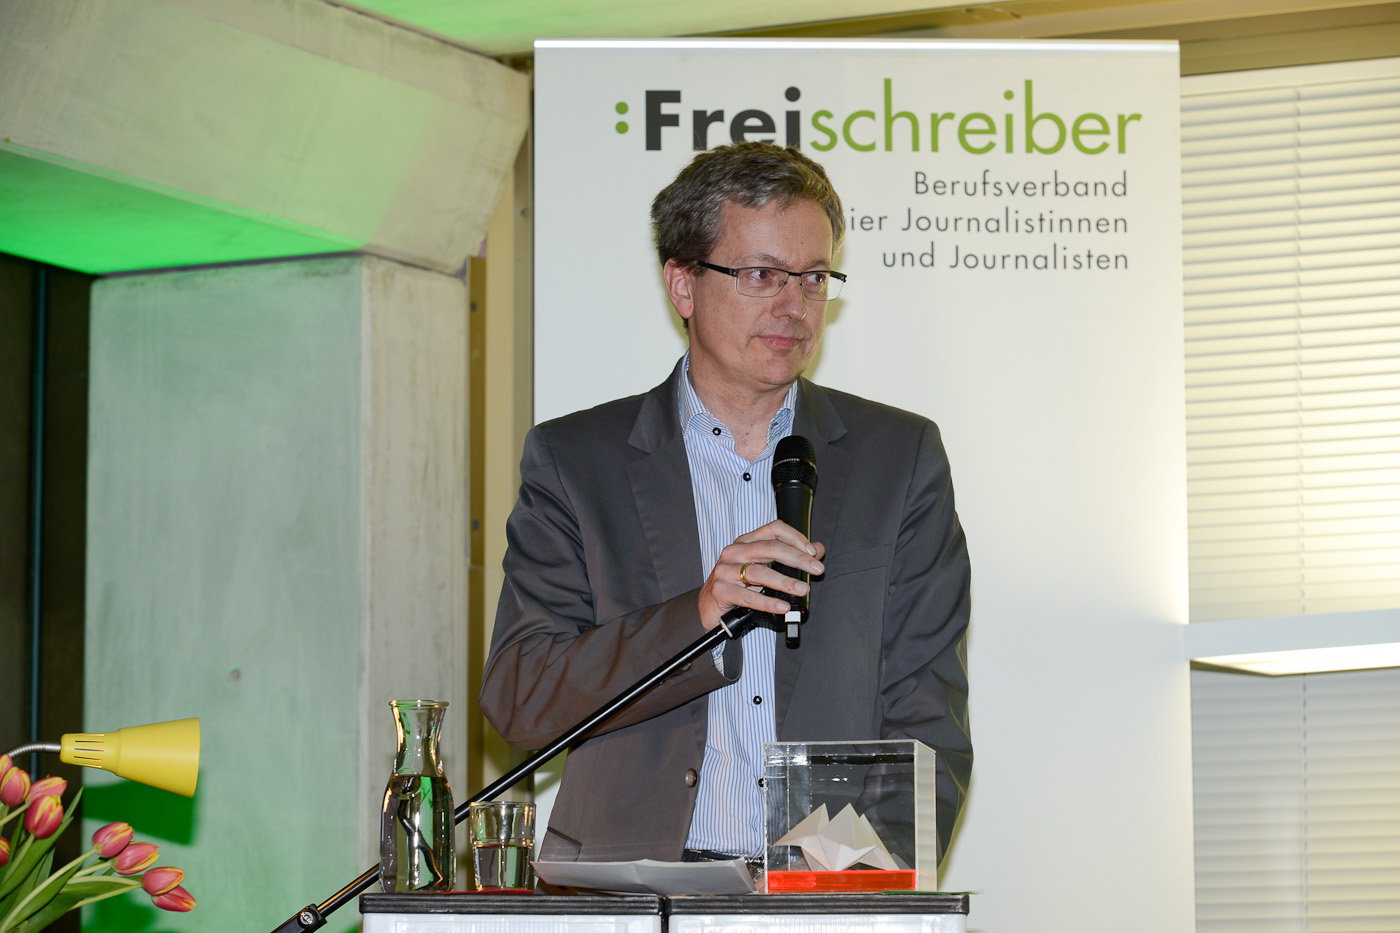 Frank Thomsen, Gruner + Jahr